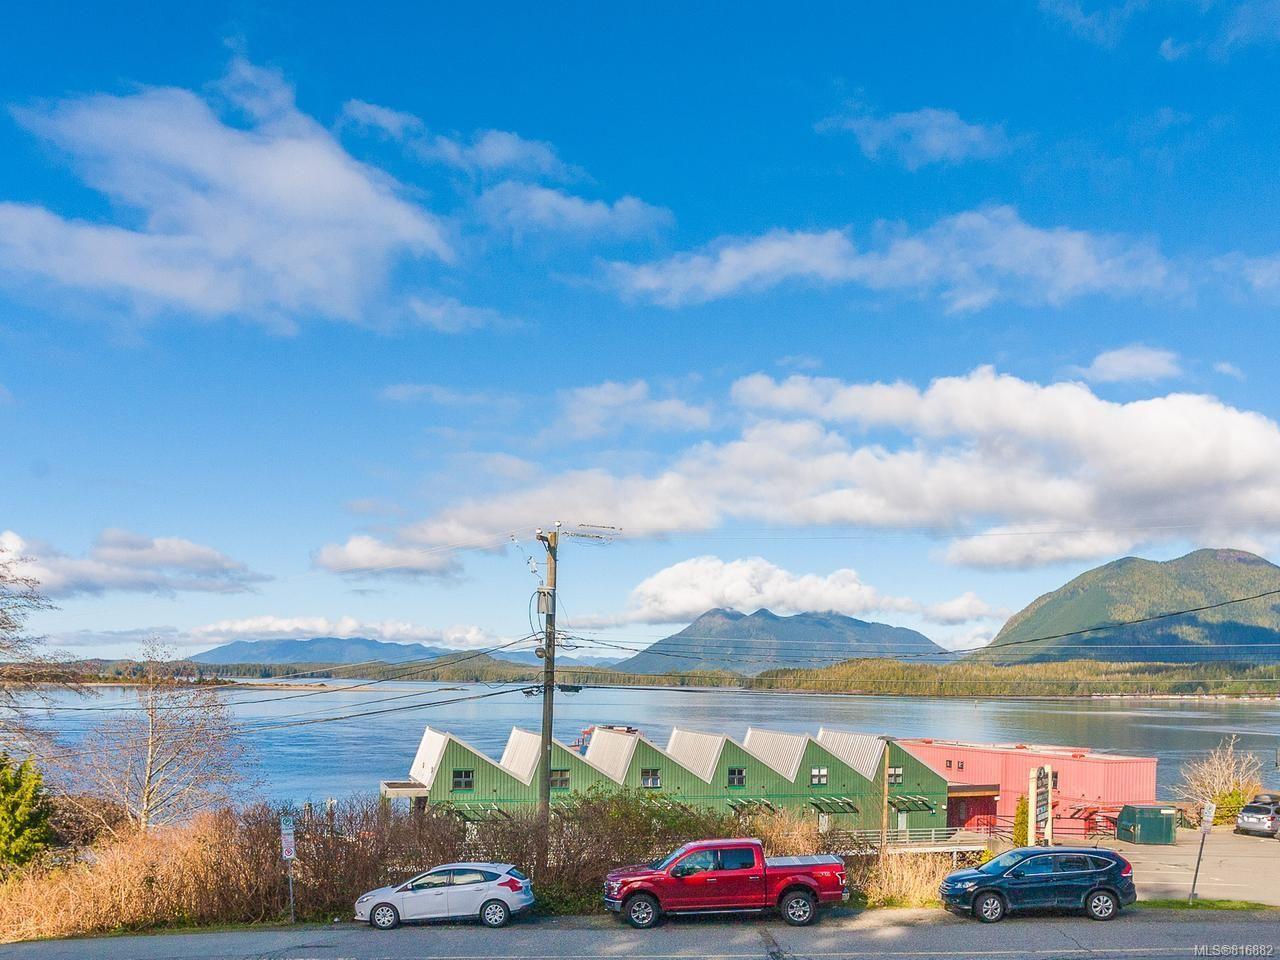 Main Photo: 231 Main St in TOFINO: PA Tofino House for sale (Port Alberni)  : MLS®# 816882